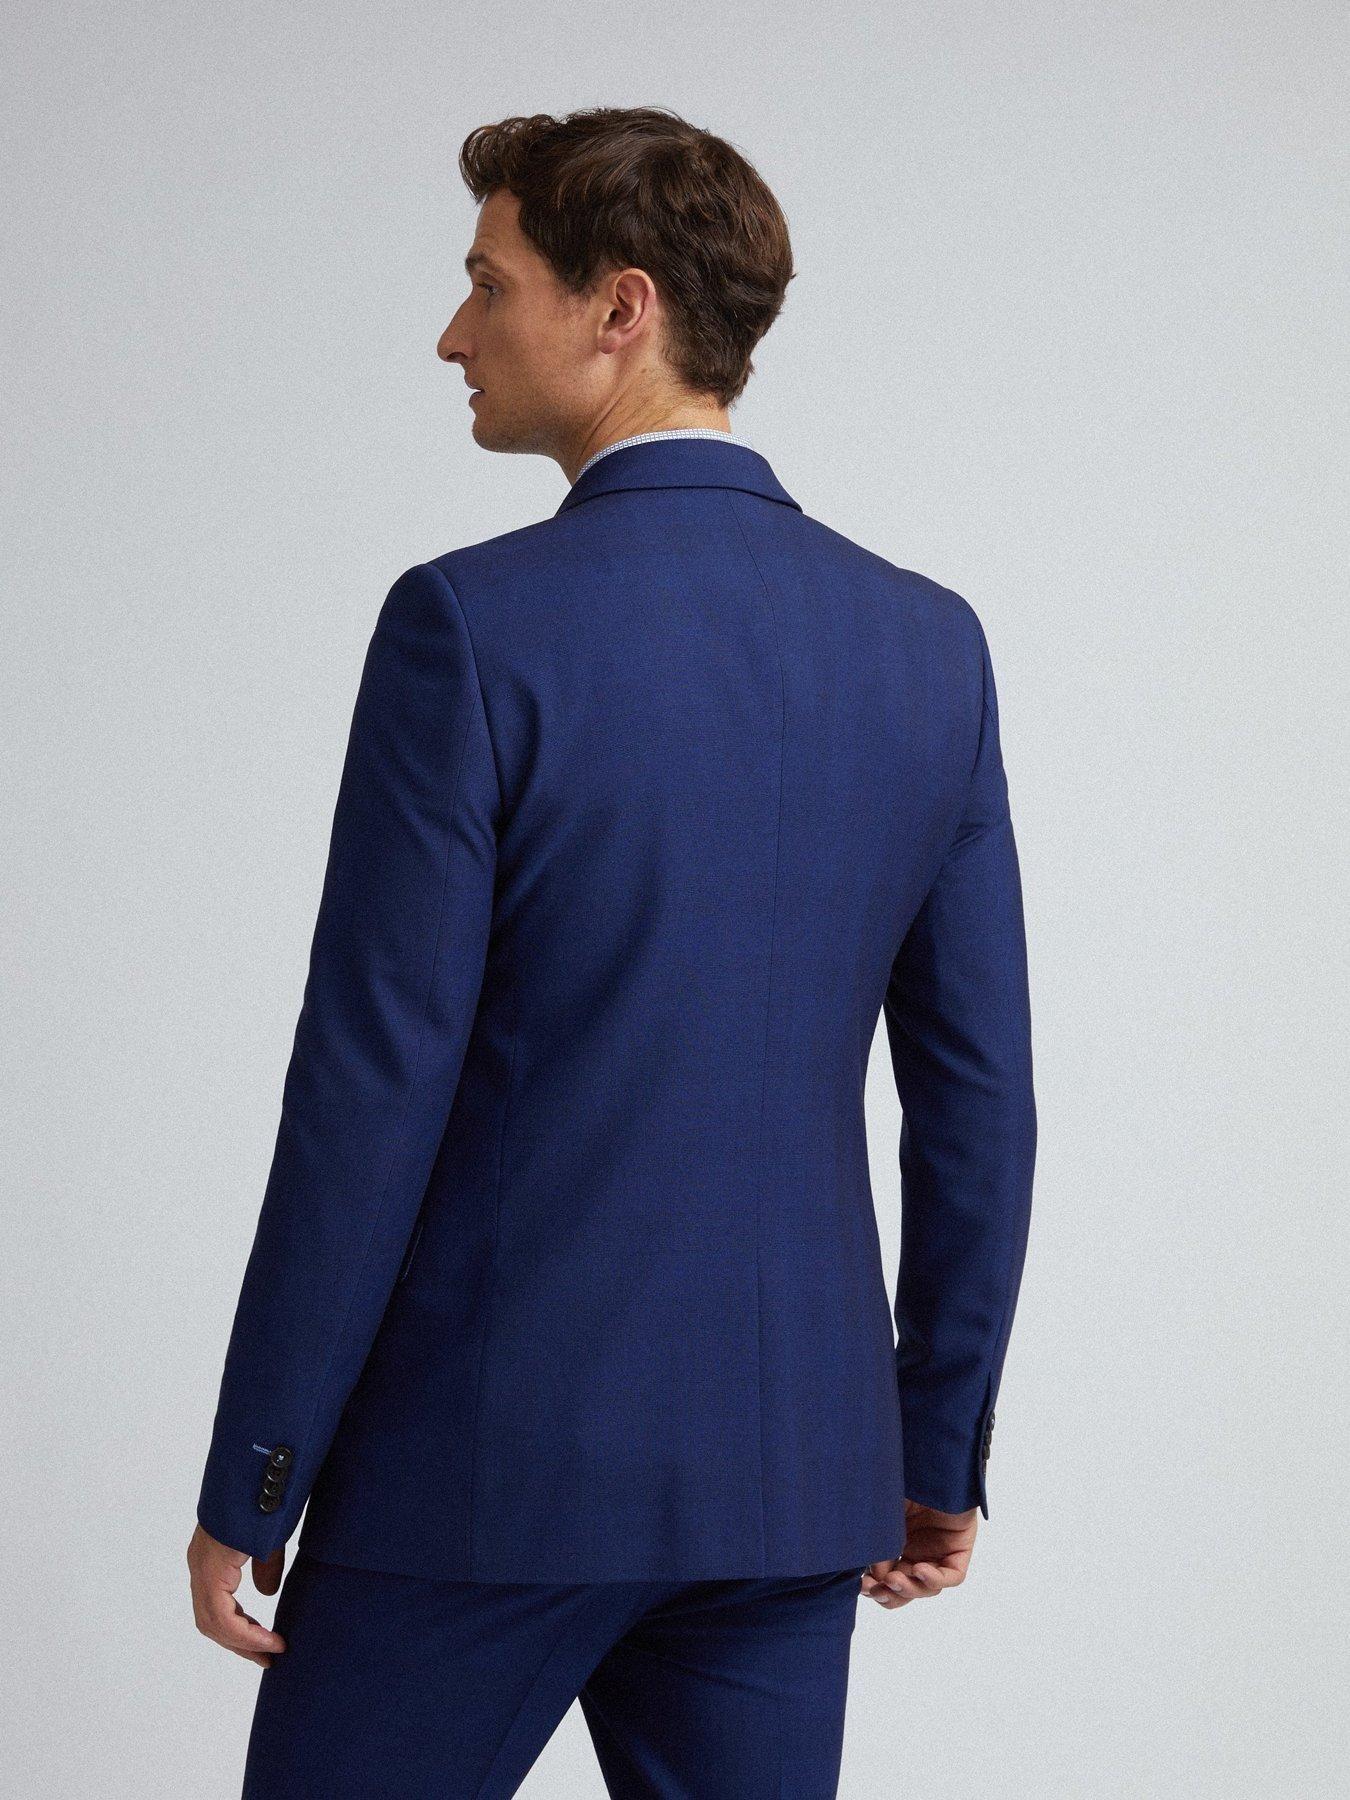 Burton menswear london skinny fit suit jacket navy blue